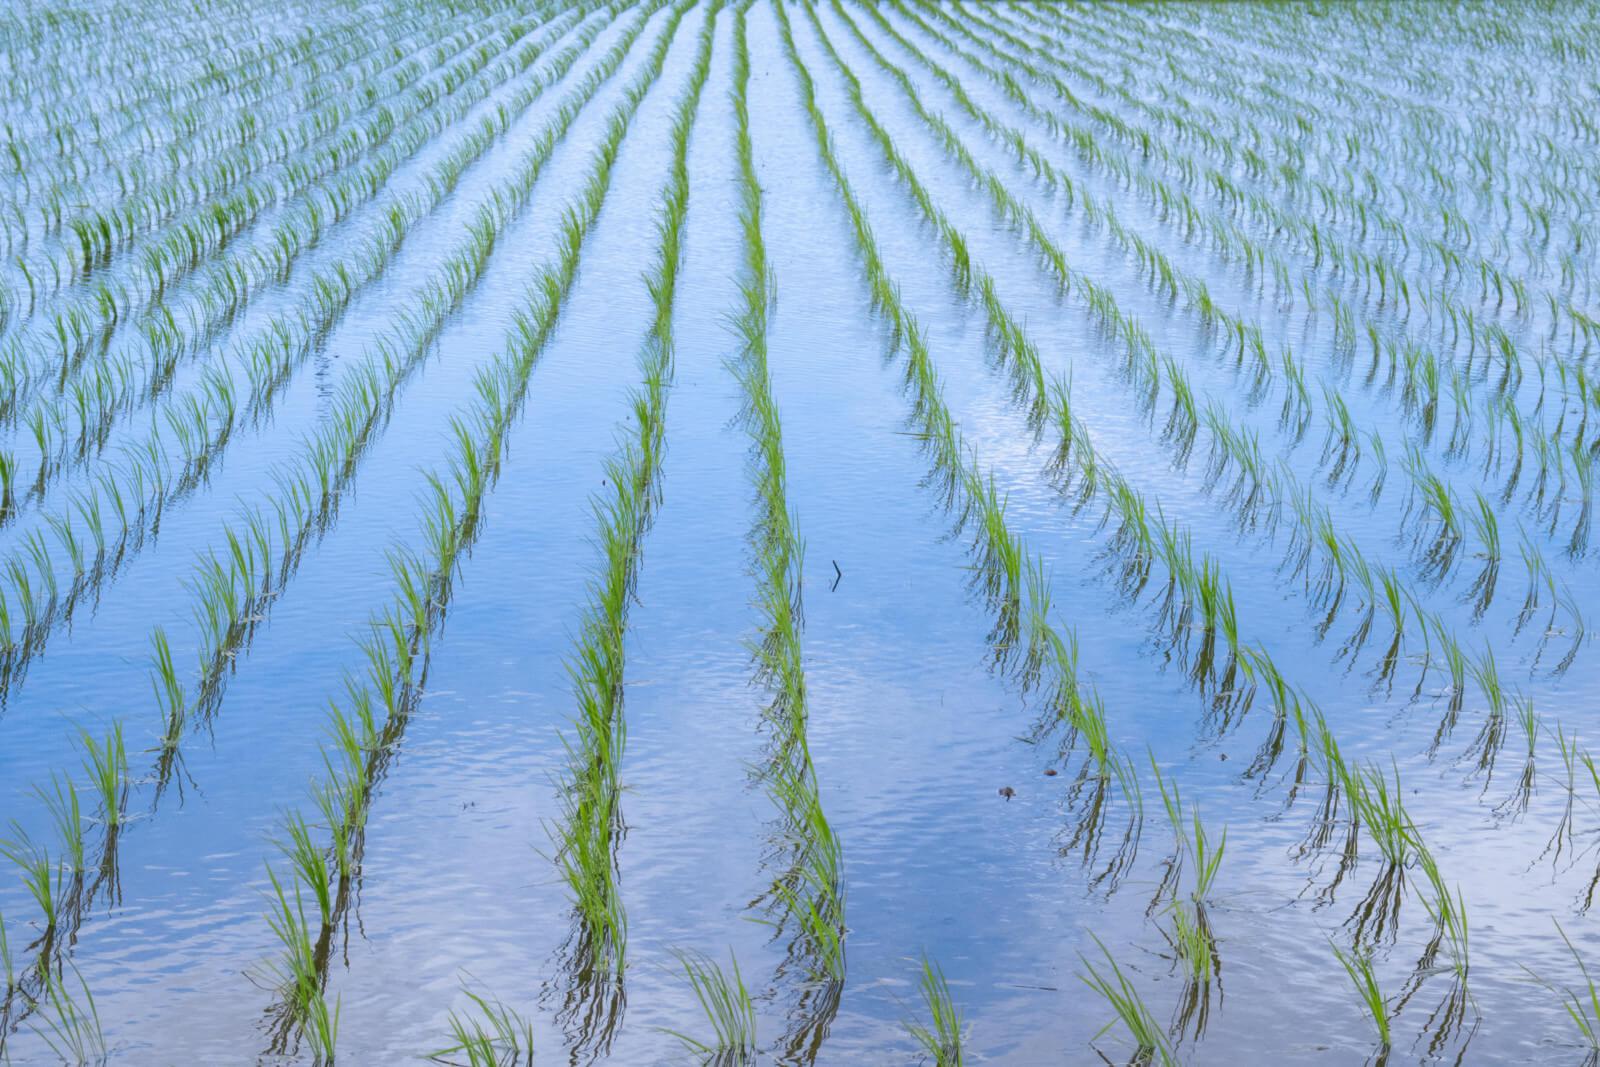 水を張った田んぼに映る青空